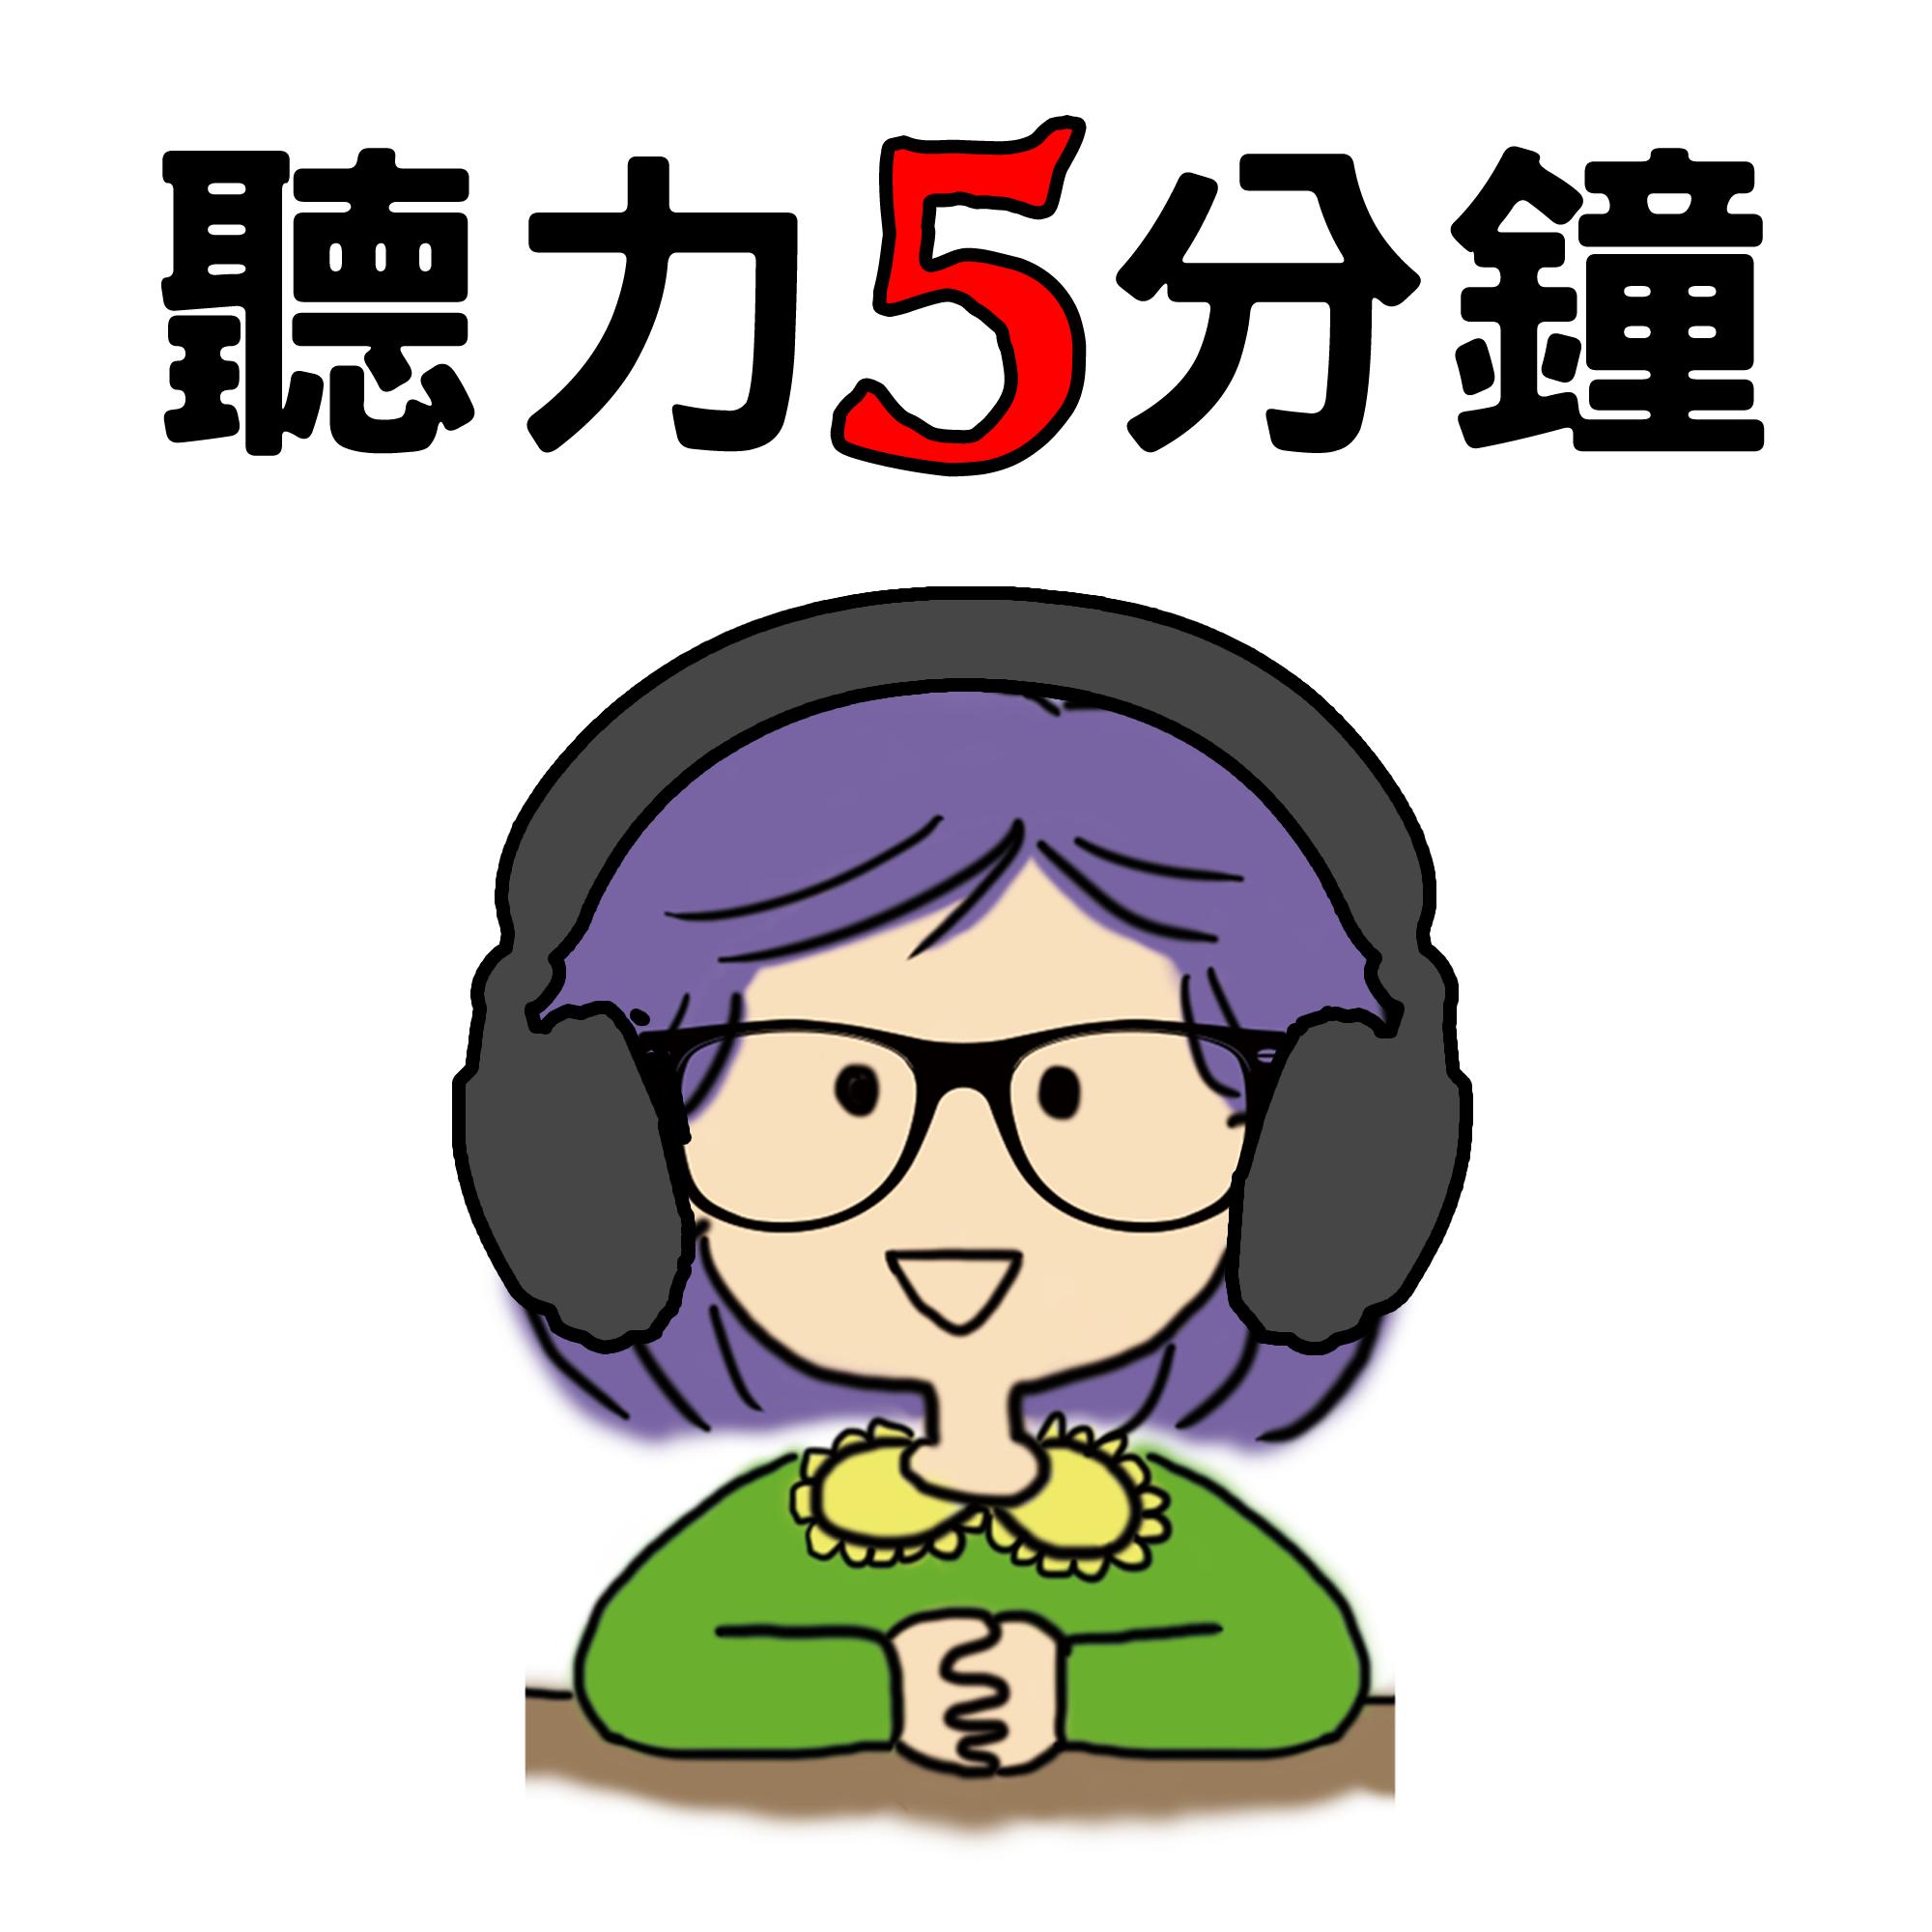 聽力5分鐘#1:圖片描述 (Pictures)